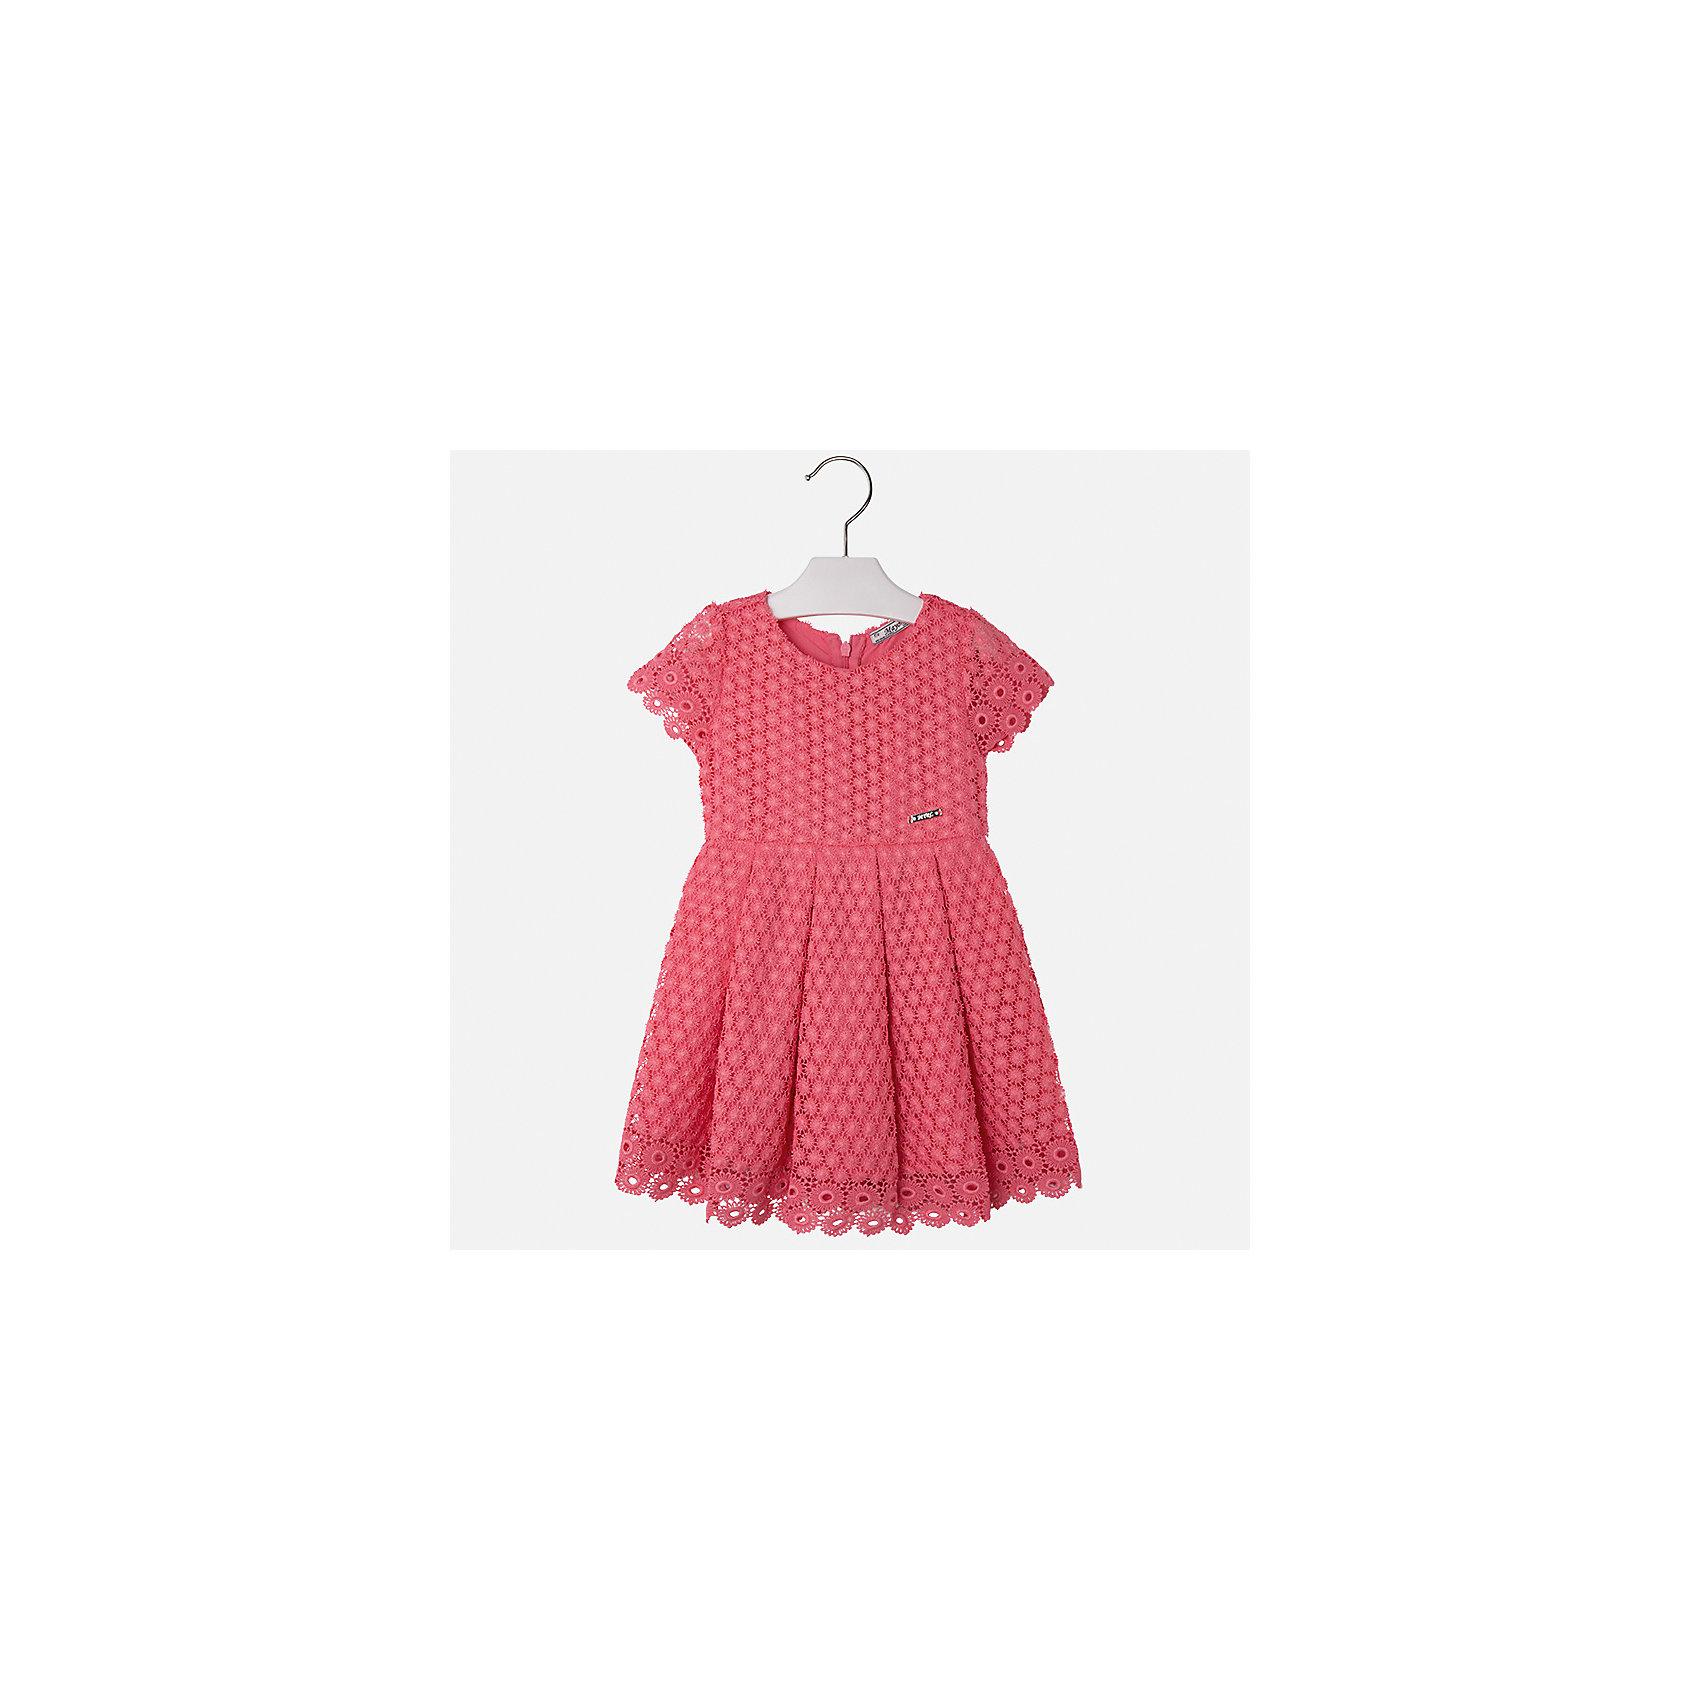 Платье для девочки MayoralОдежда<br>Характеристики товара:<br><br>• цвет: оранжевый<br>• состав: 100% полиэстер, подкладка - 80% полиэстер, 20% хлопок<br>• застежка: молния<br>• легкий материал<br>• ажурная ткань верха<br>• короткие рукава<br>• с подкладкой<br>• страна бренда: Испания<br><br>Красивое легкое платье для девочки поможет разнообразить гардероб ребенка и создать эффектный наряд. Оно подойдет и для торжественных случаев, может быть и как ежедневный наряд. Красивый оттенок позволяет подобрать к вещи обувь разных расцветок. В составе материала подкладки - натуральный хлопок, гипоаллергенный, приятный на ощупь, дышащий. Платье хорошо сидит по фигуре.<br><br>Одежда, обувь и аксессуары от испанского бренда Mayoral полюбились детям и взрослым по всему миру. Модели этой марки - стильные и удобные. Для их производства используются только безопасные, качественные материалы и фурнитура. Порадуйте ребенка модными и красивыми вещами от Mayoral! <br><br>Платье для девочки от испанского бренда Mayoral (Майорал) можно купить в нашем интернет-магазине.<br><br>Ширина мм: 236<br>Глубина мм: 16<br>Высота мм: 184<br>Вес г: 177<br>Цвет: оранжевый<br>Возраст от месяцев: 24<br>Возраст до месяцев: 36<br>Пол: Женский<br>Возраст: Детский<br>Размер: 134,104,110,116,122,128,98<br>SKU: 5291068